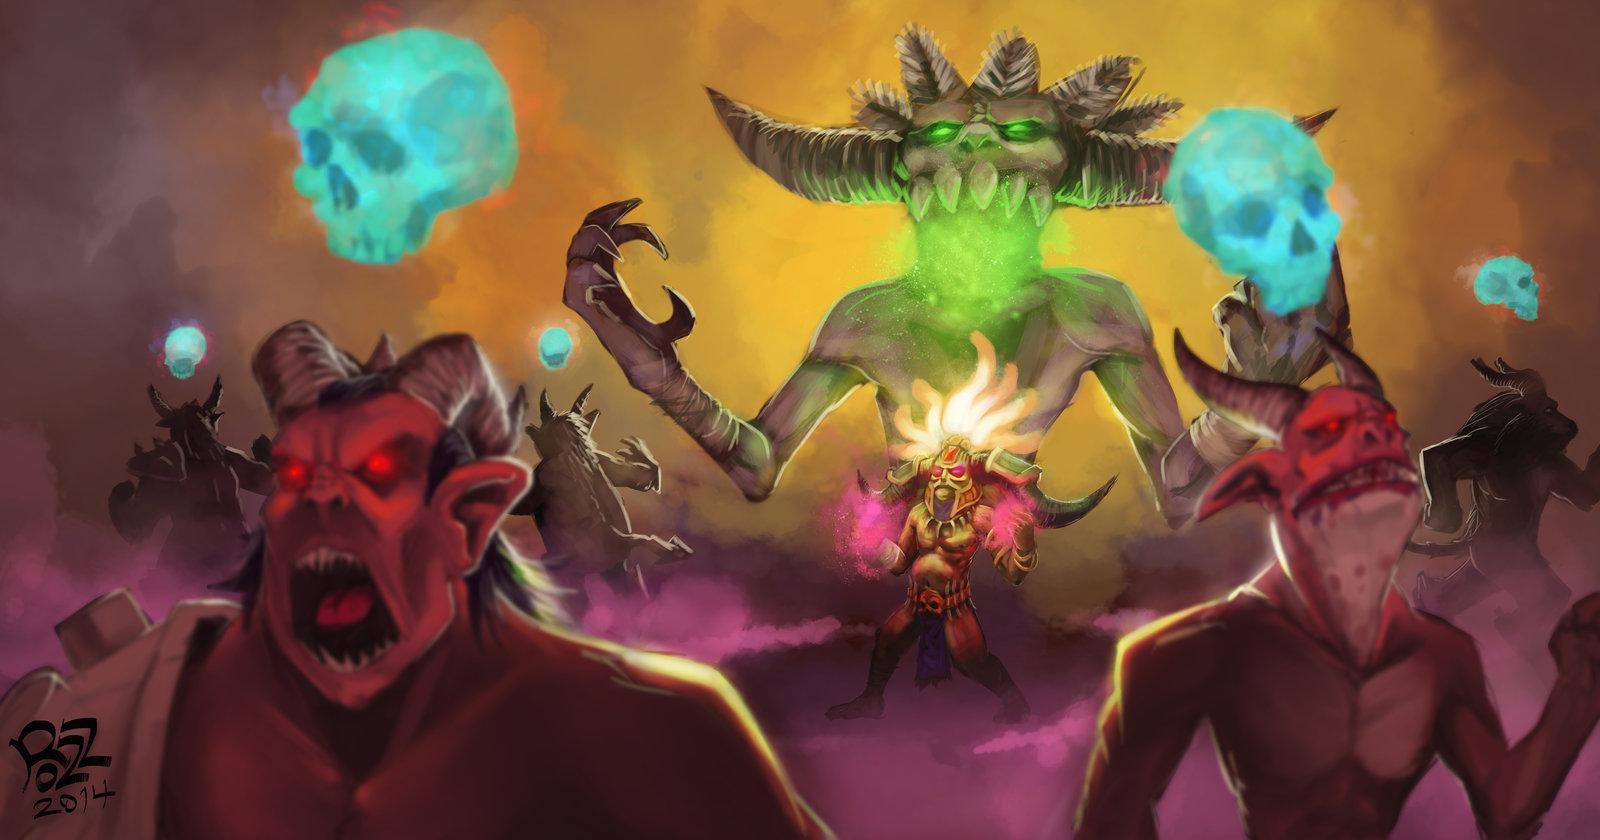 deviantart Diablo contest